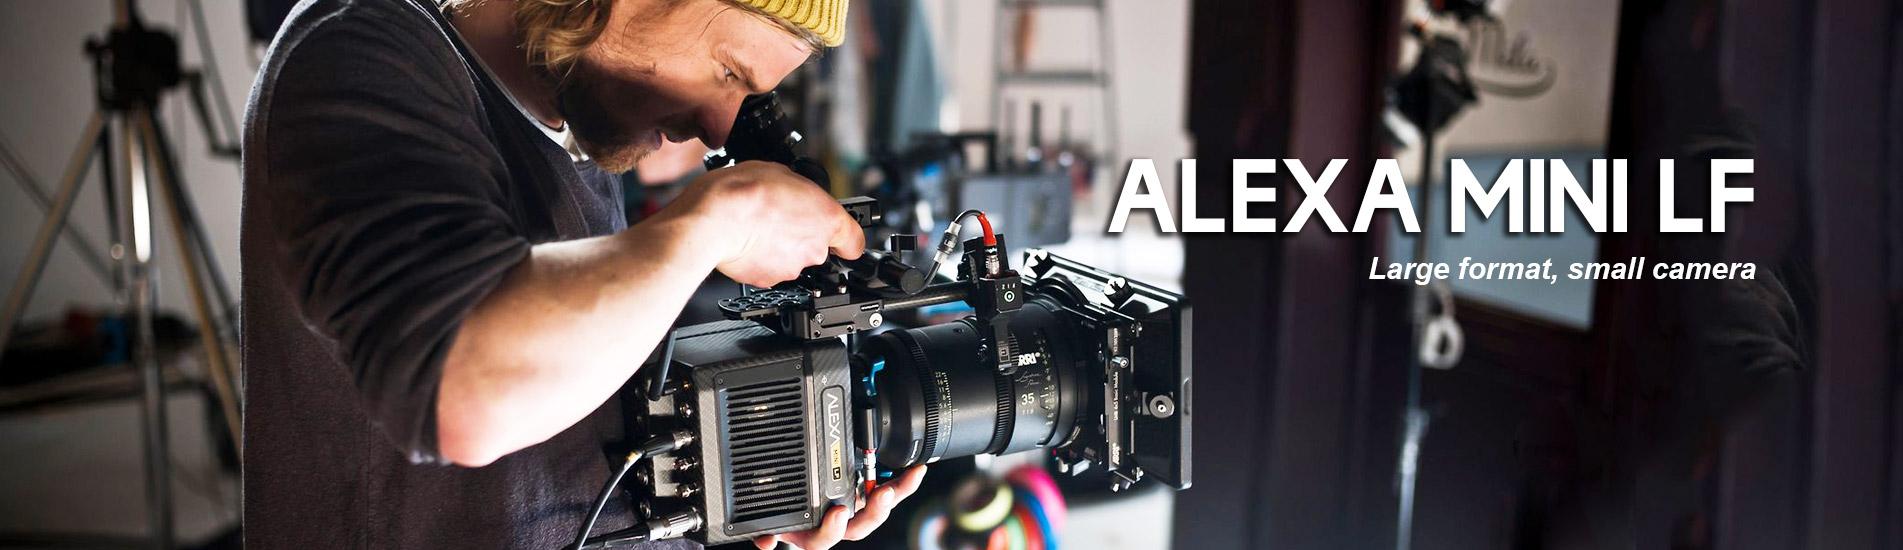 alexa-mini-lf-teaser-8